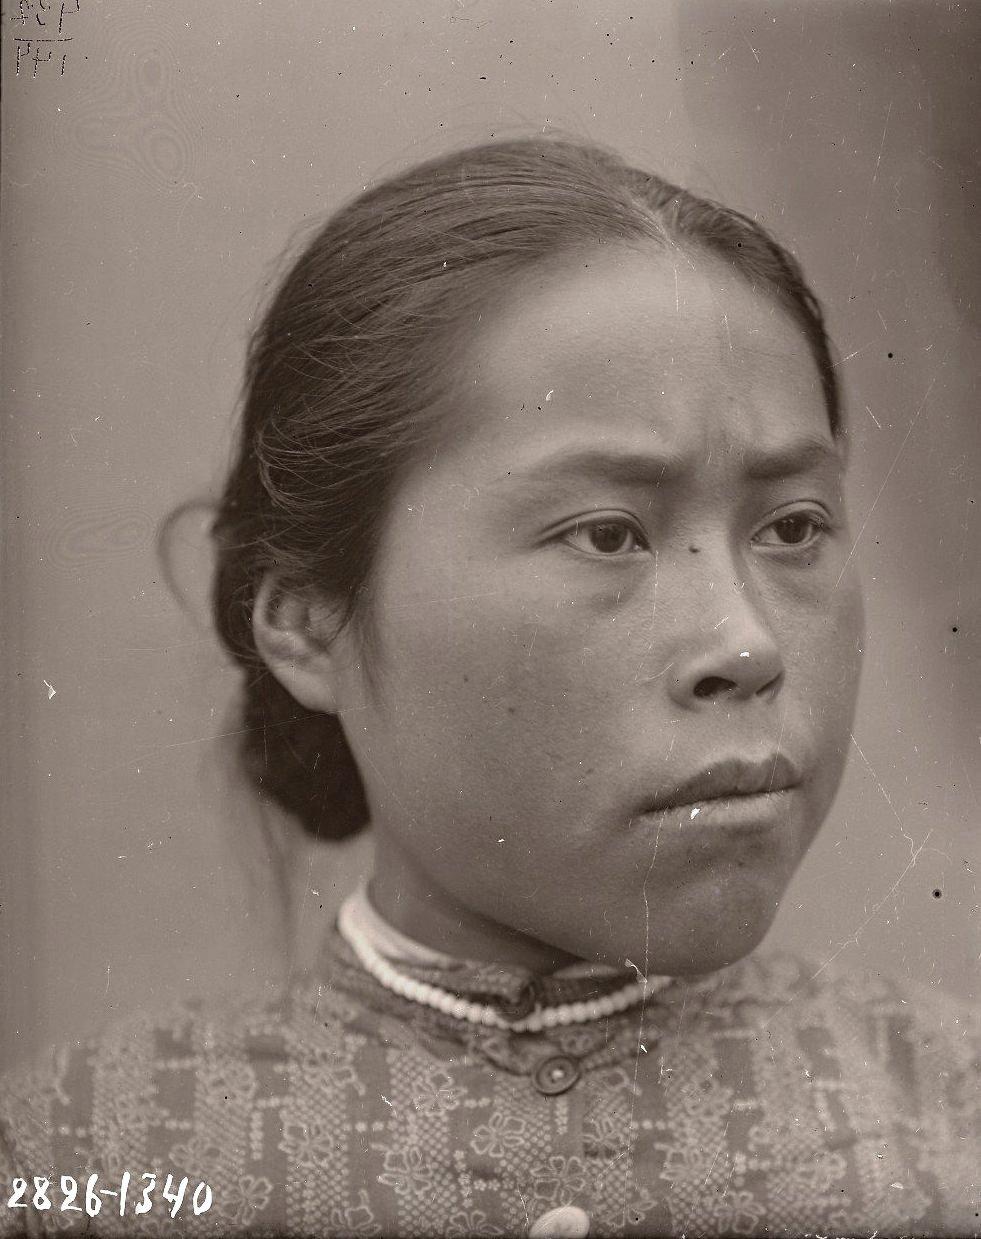 1909. Июнь - июль. Евдокия Артамонова. Атту остров